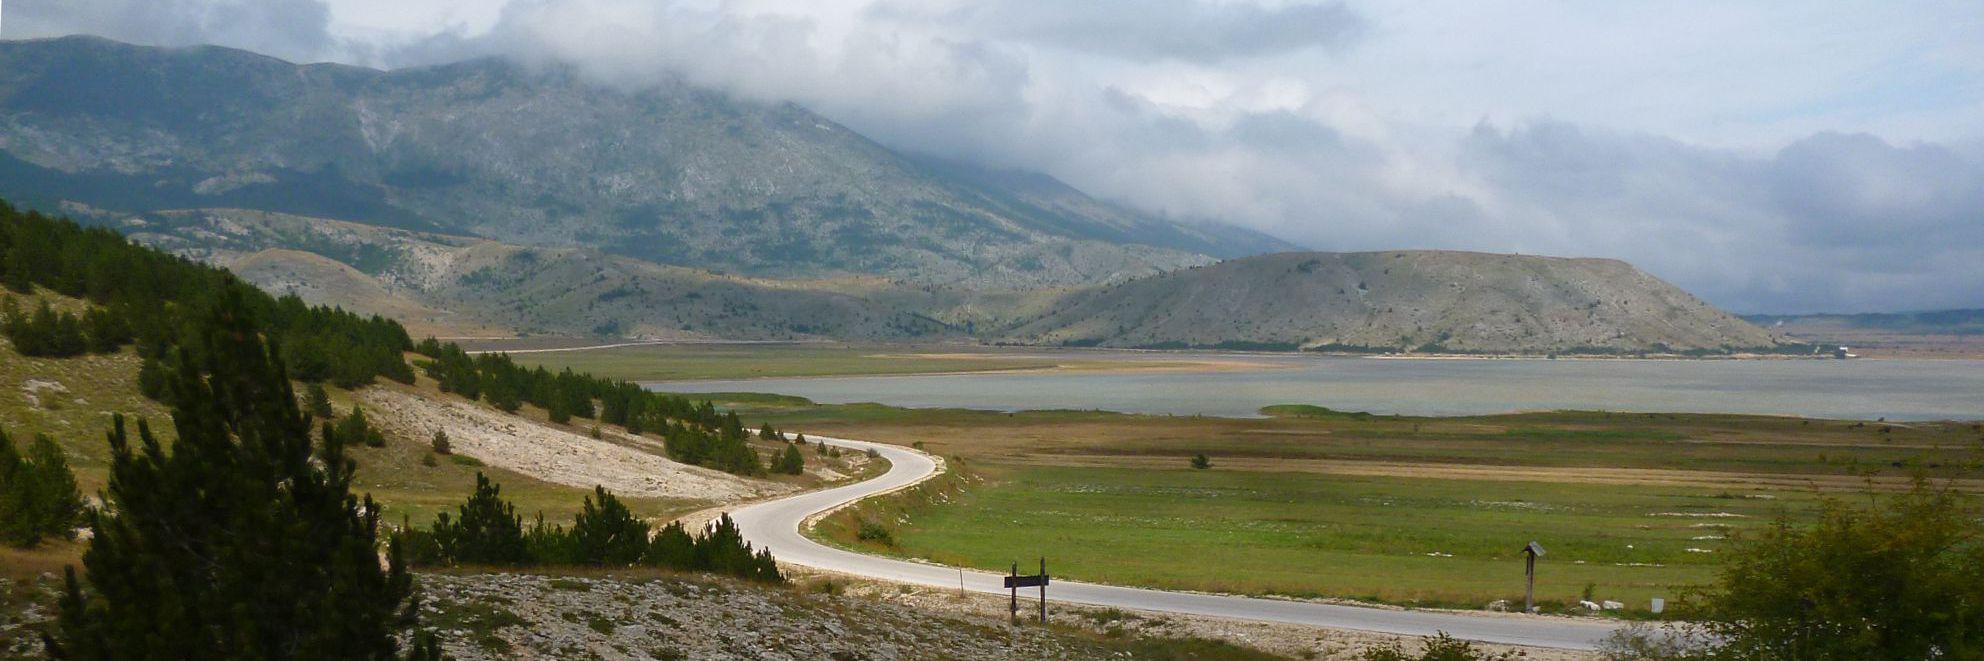 Озеро Блидинье